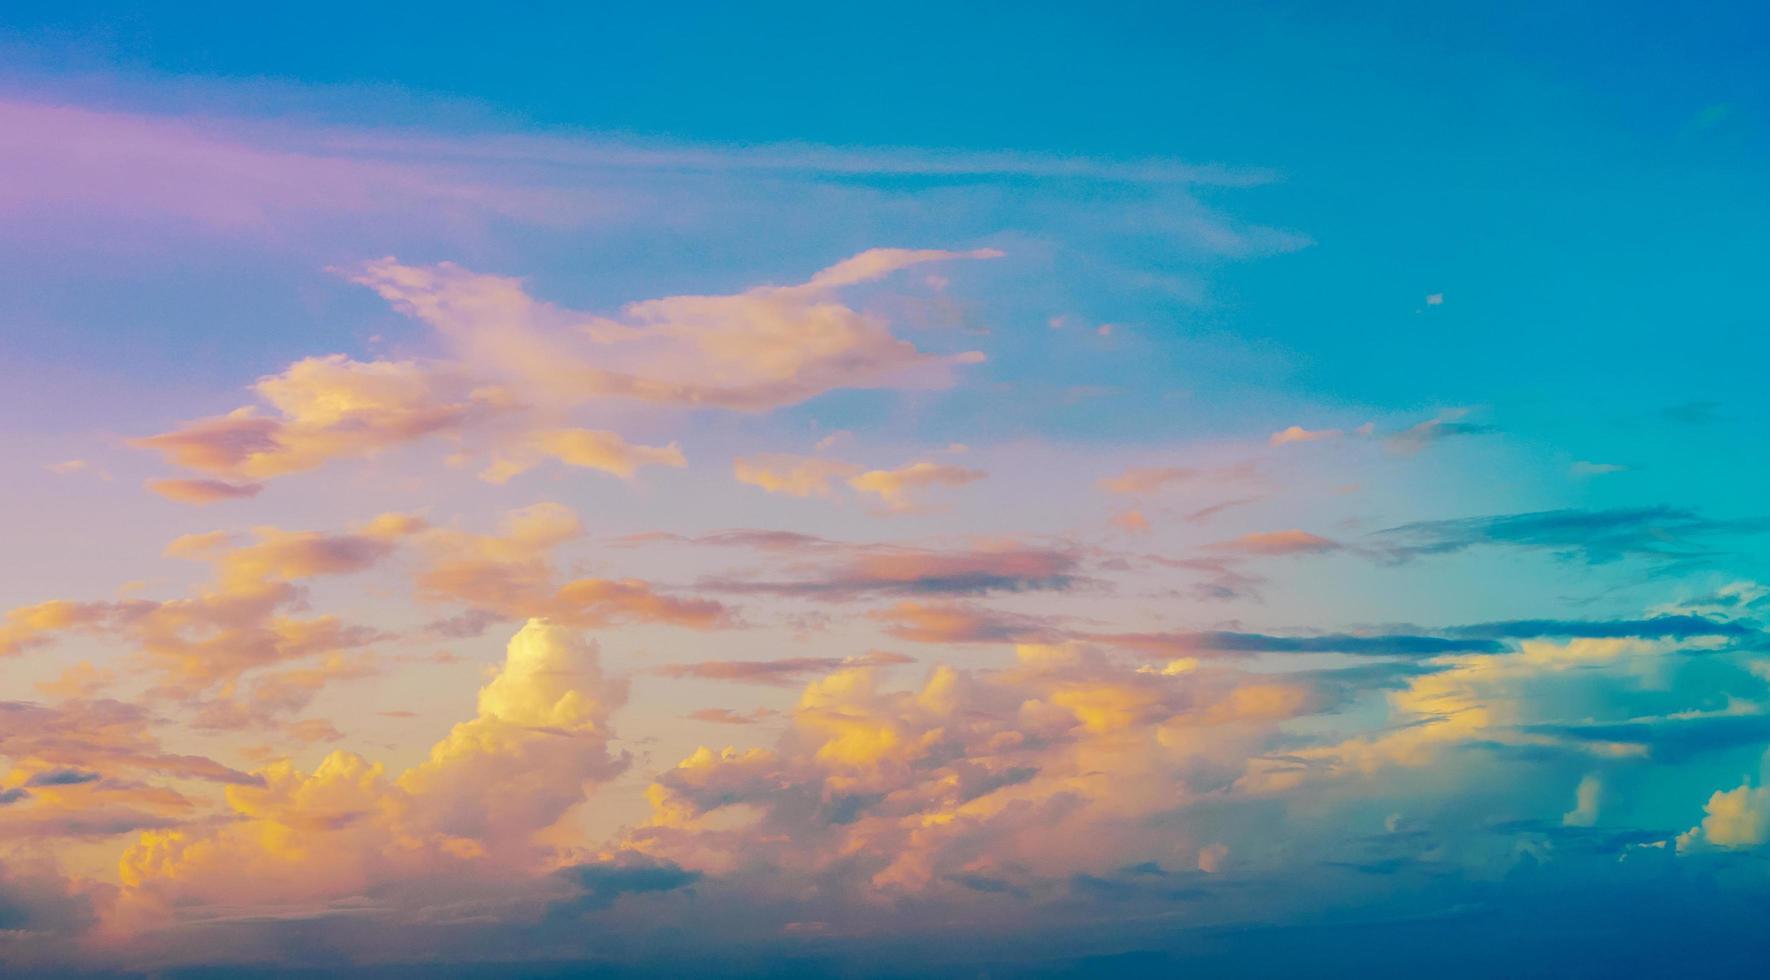 gesättigte Farben des blauen Himmels im Sommer foto